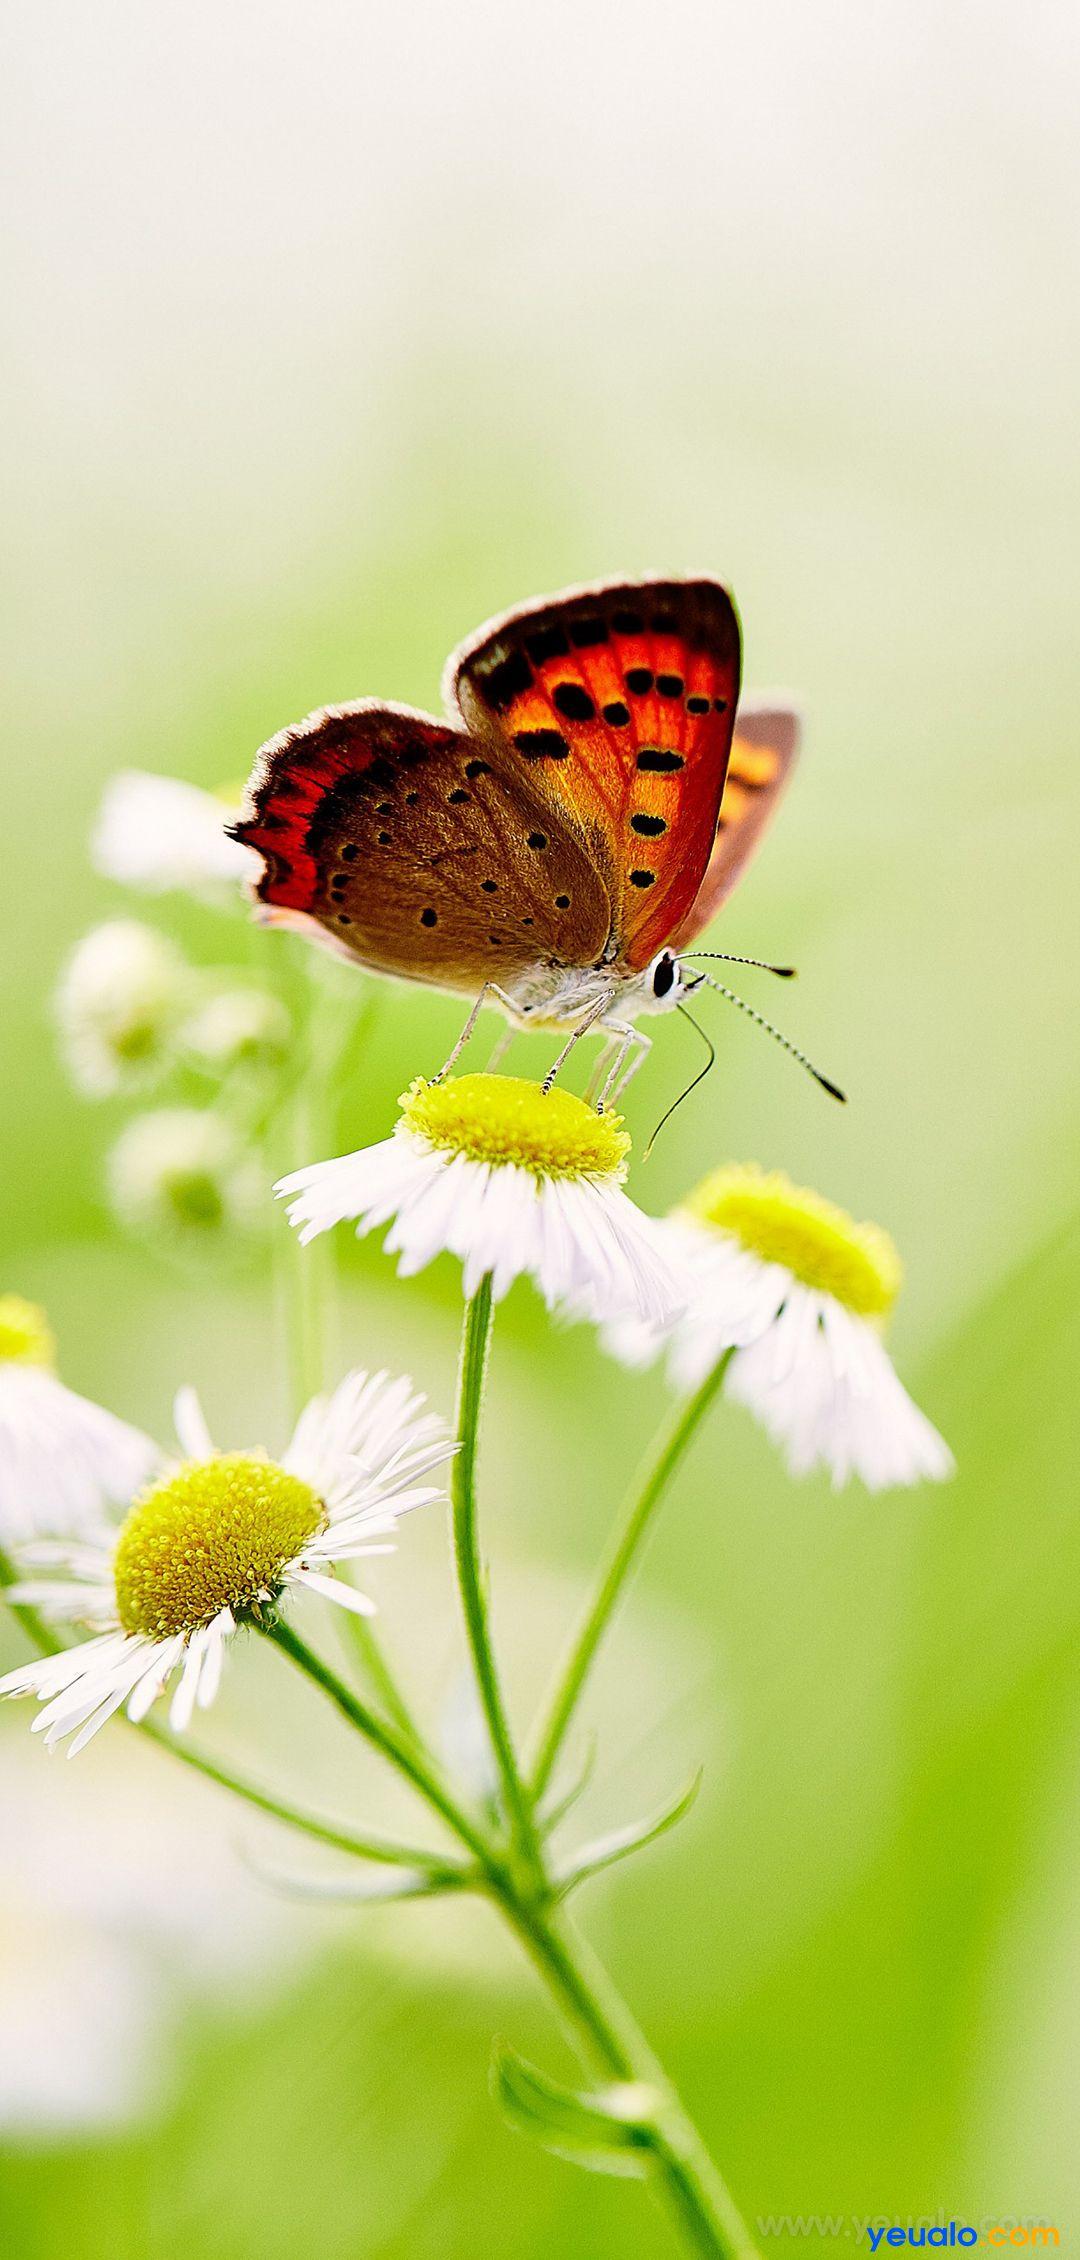 Hình nền con bướm đẹp điện thoại Samsung 6